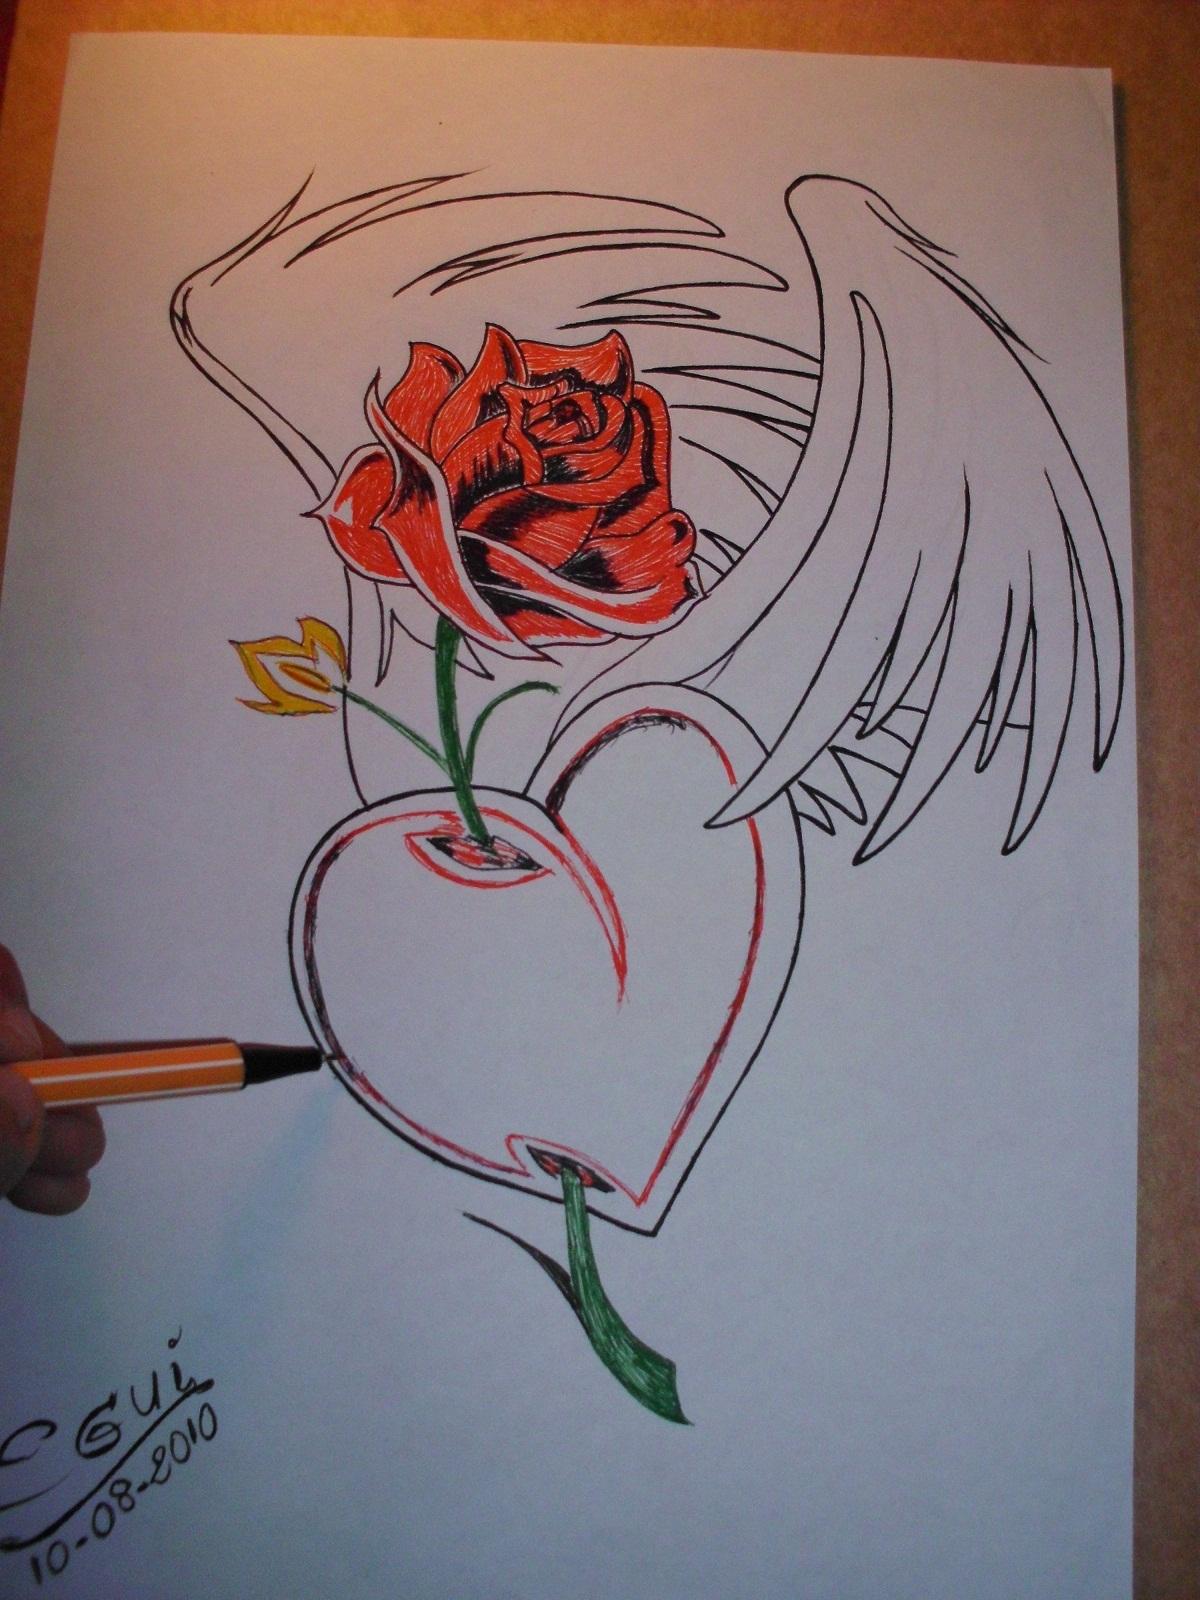 Creando dibujando creando una rosa con alas y coraz n for Papel para dibujar